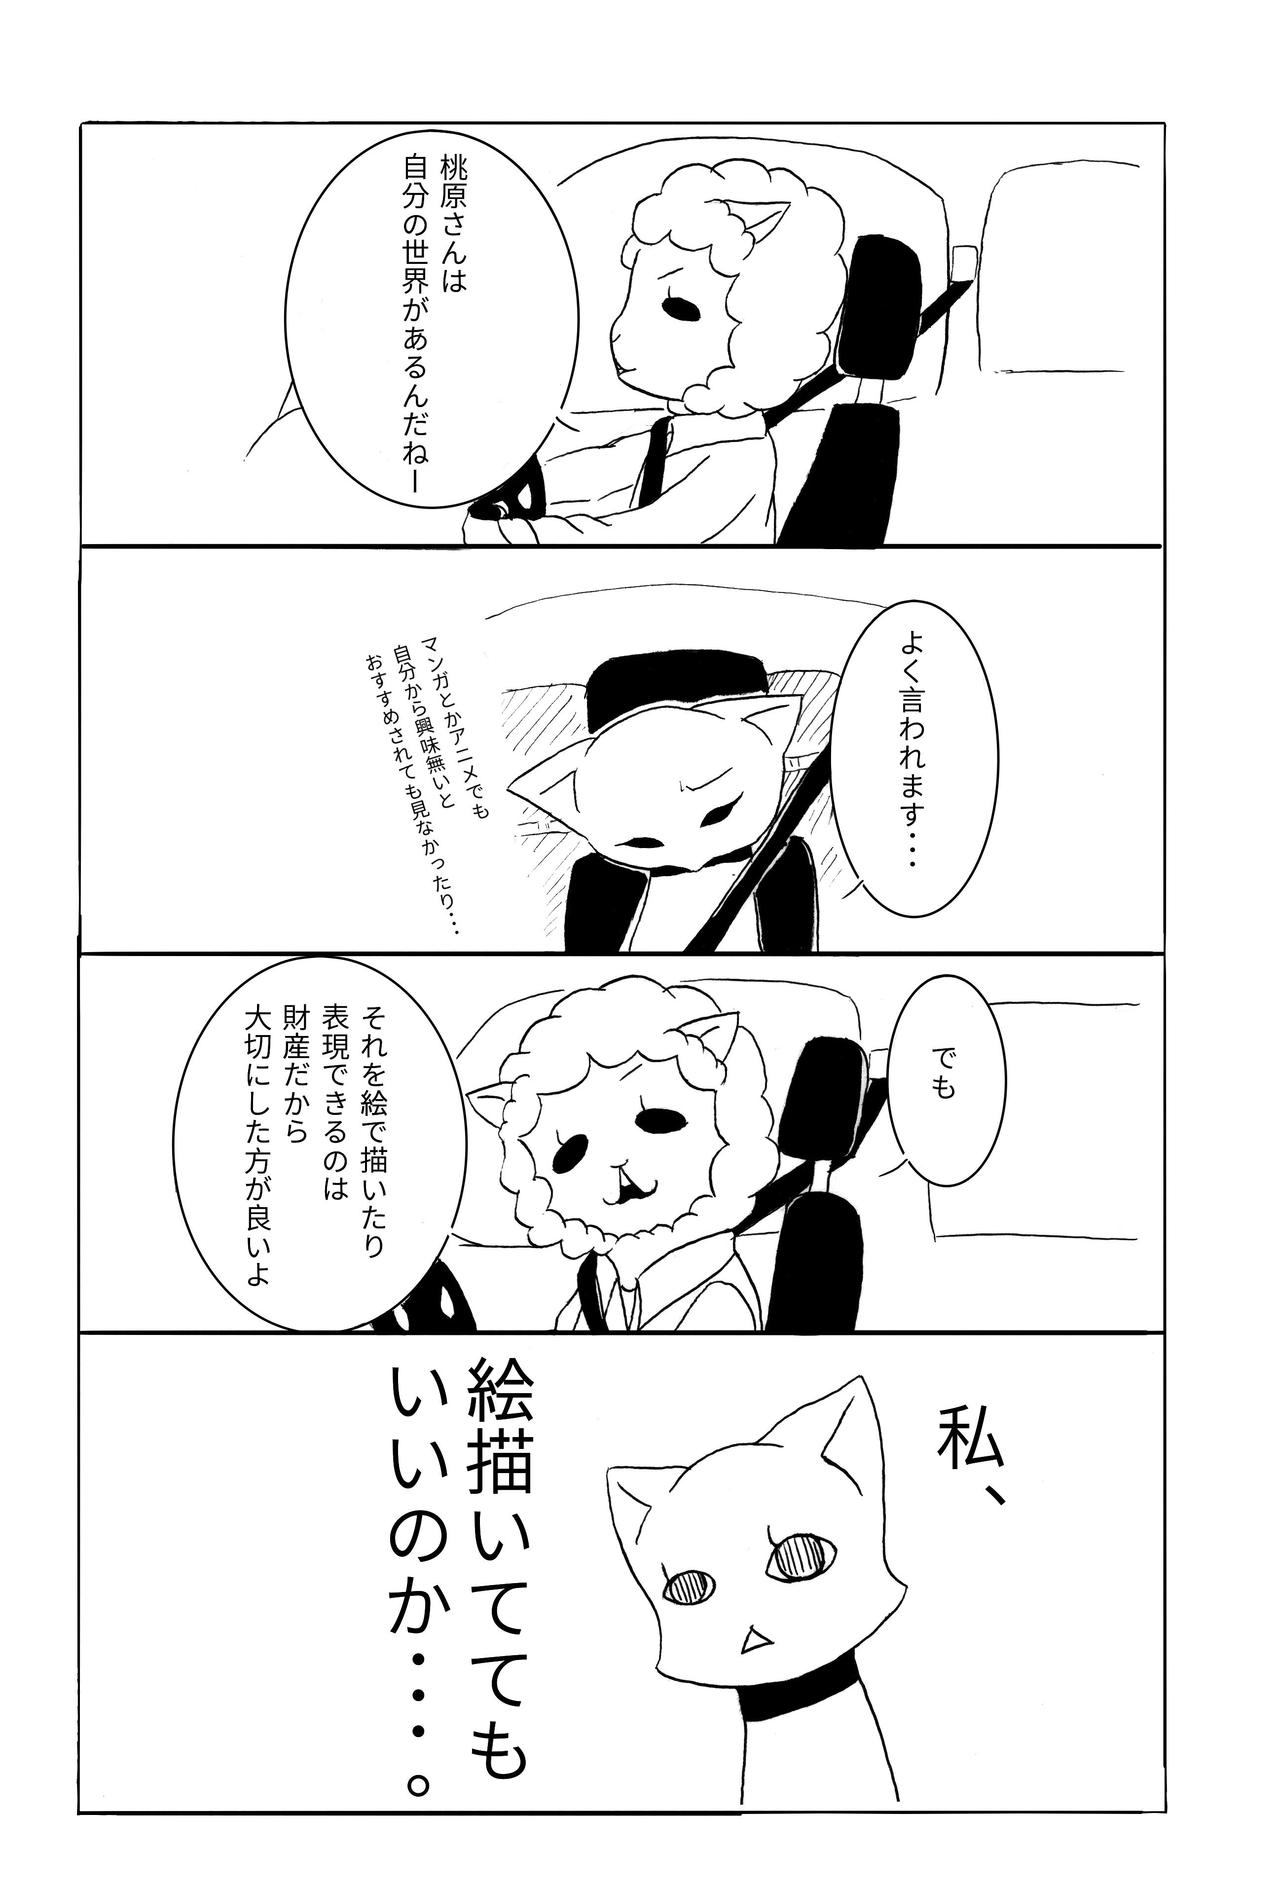 ふりかえり埼玉_1